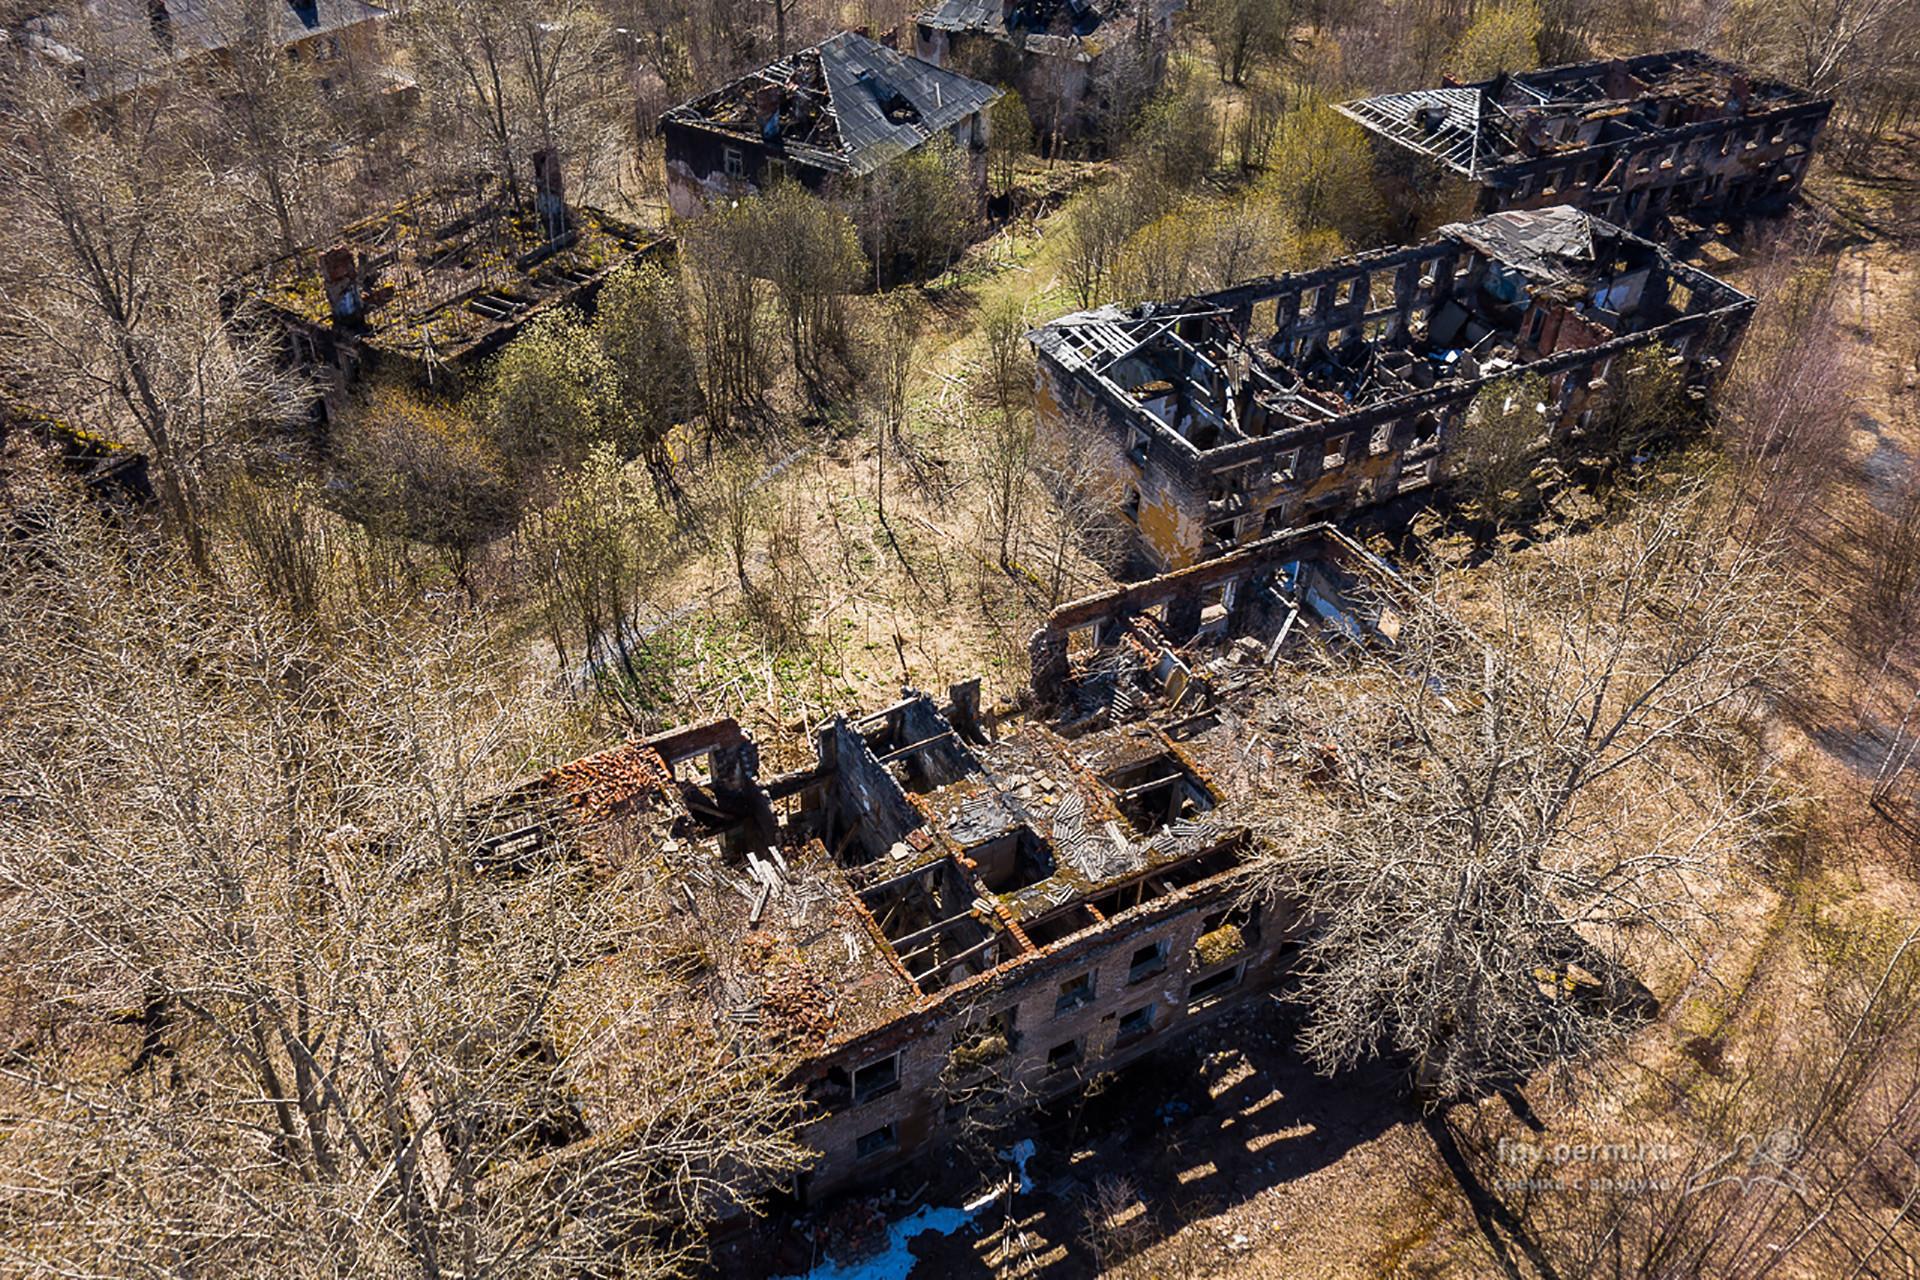 Vérjniaya Gubaja fue abandonada por los habitantes en la década de 1970, debido a la grave situación ecológica en este lugar.